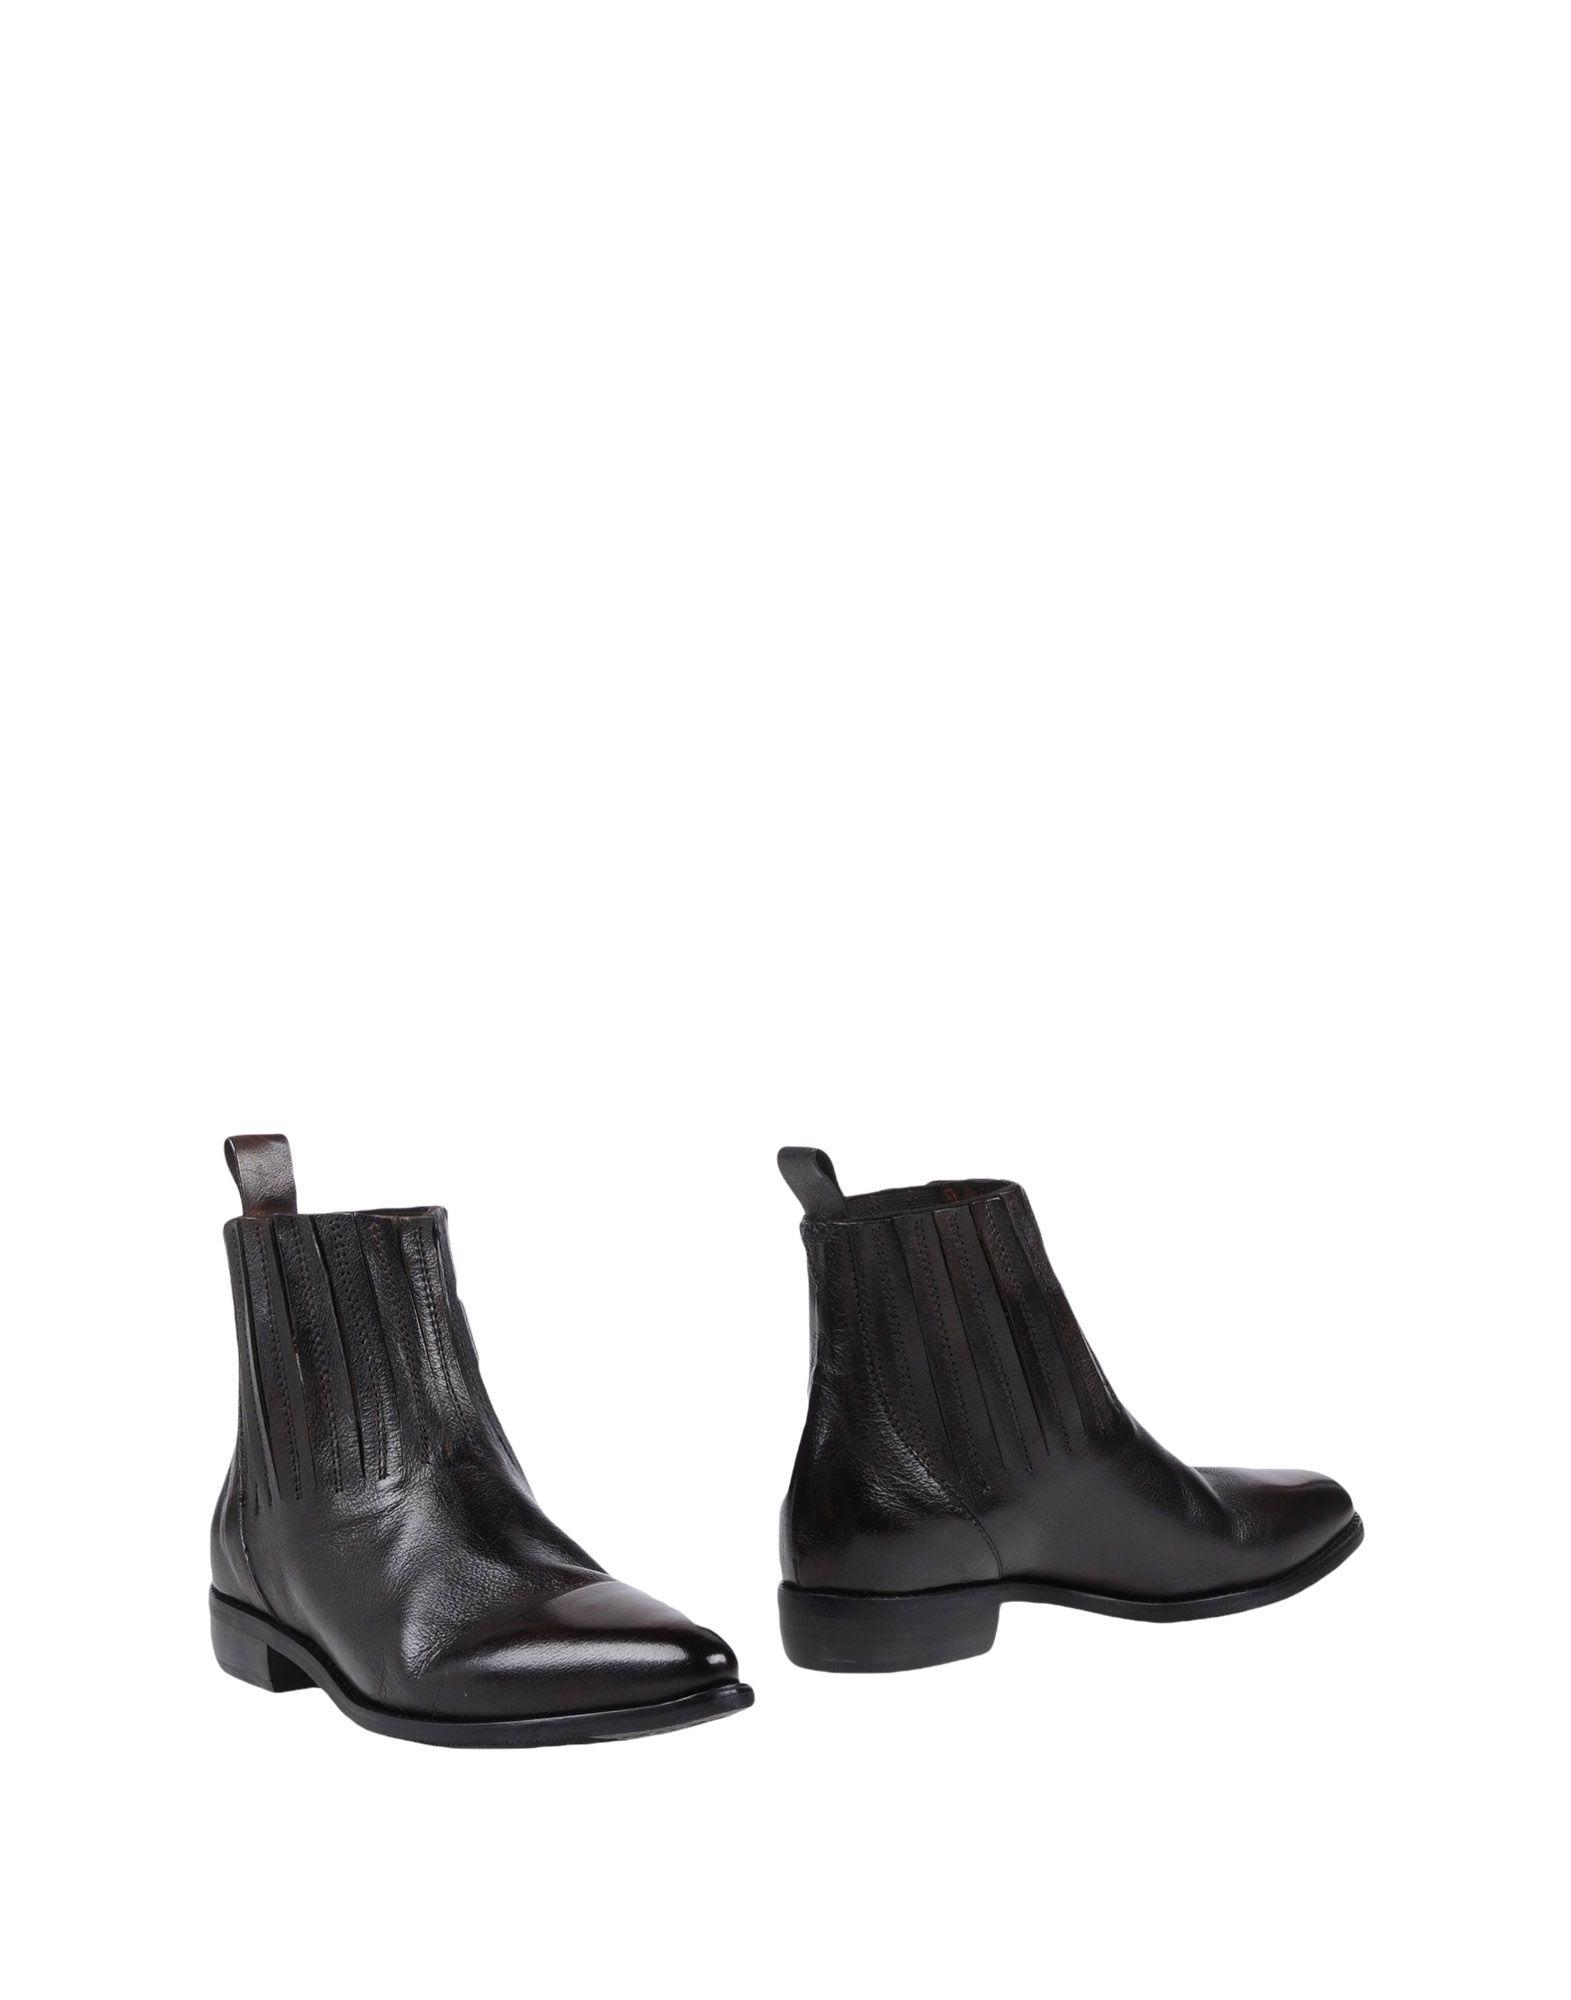 Stilvolle billige Schuhe Alexander Hotto 11451704MQ Stiefelette Damen  11451704MQ Hotto 0a561c